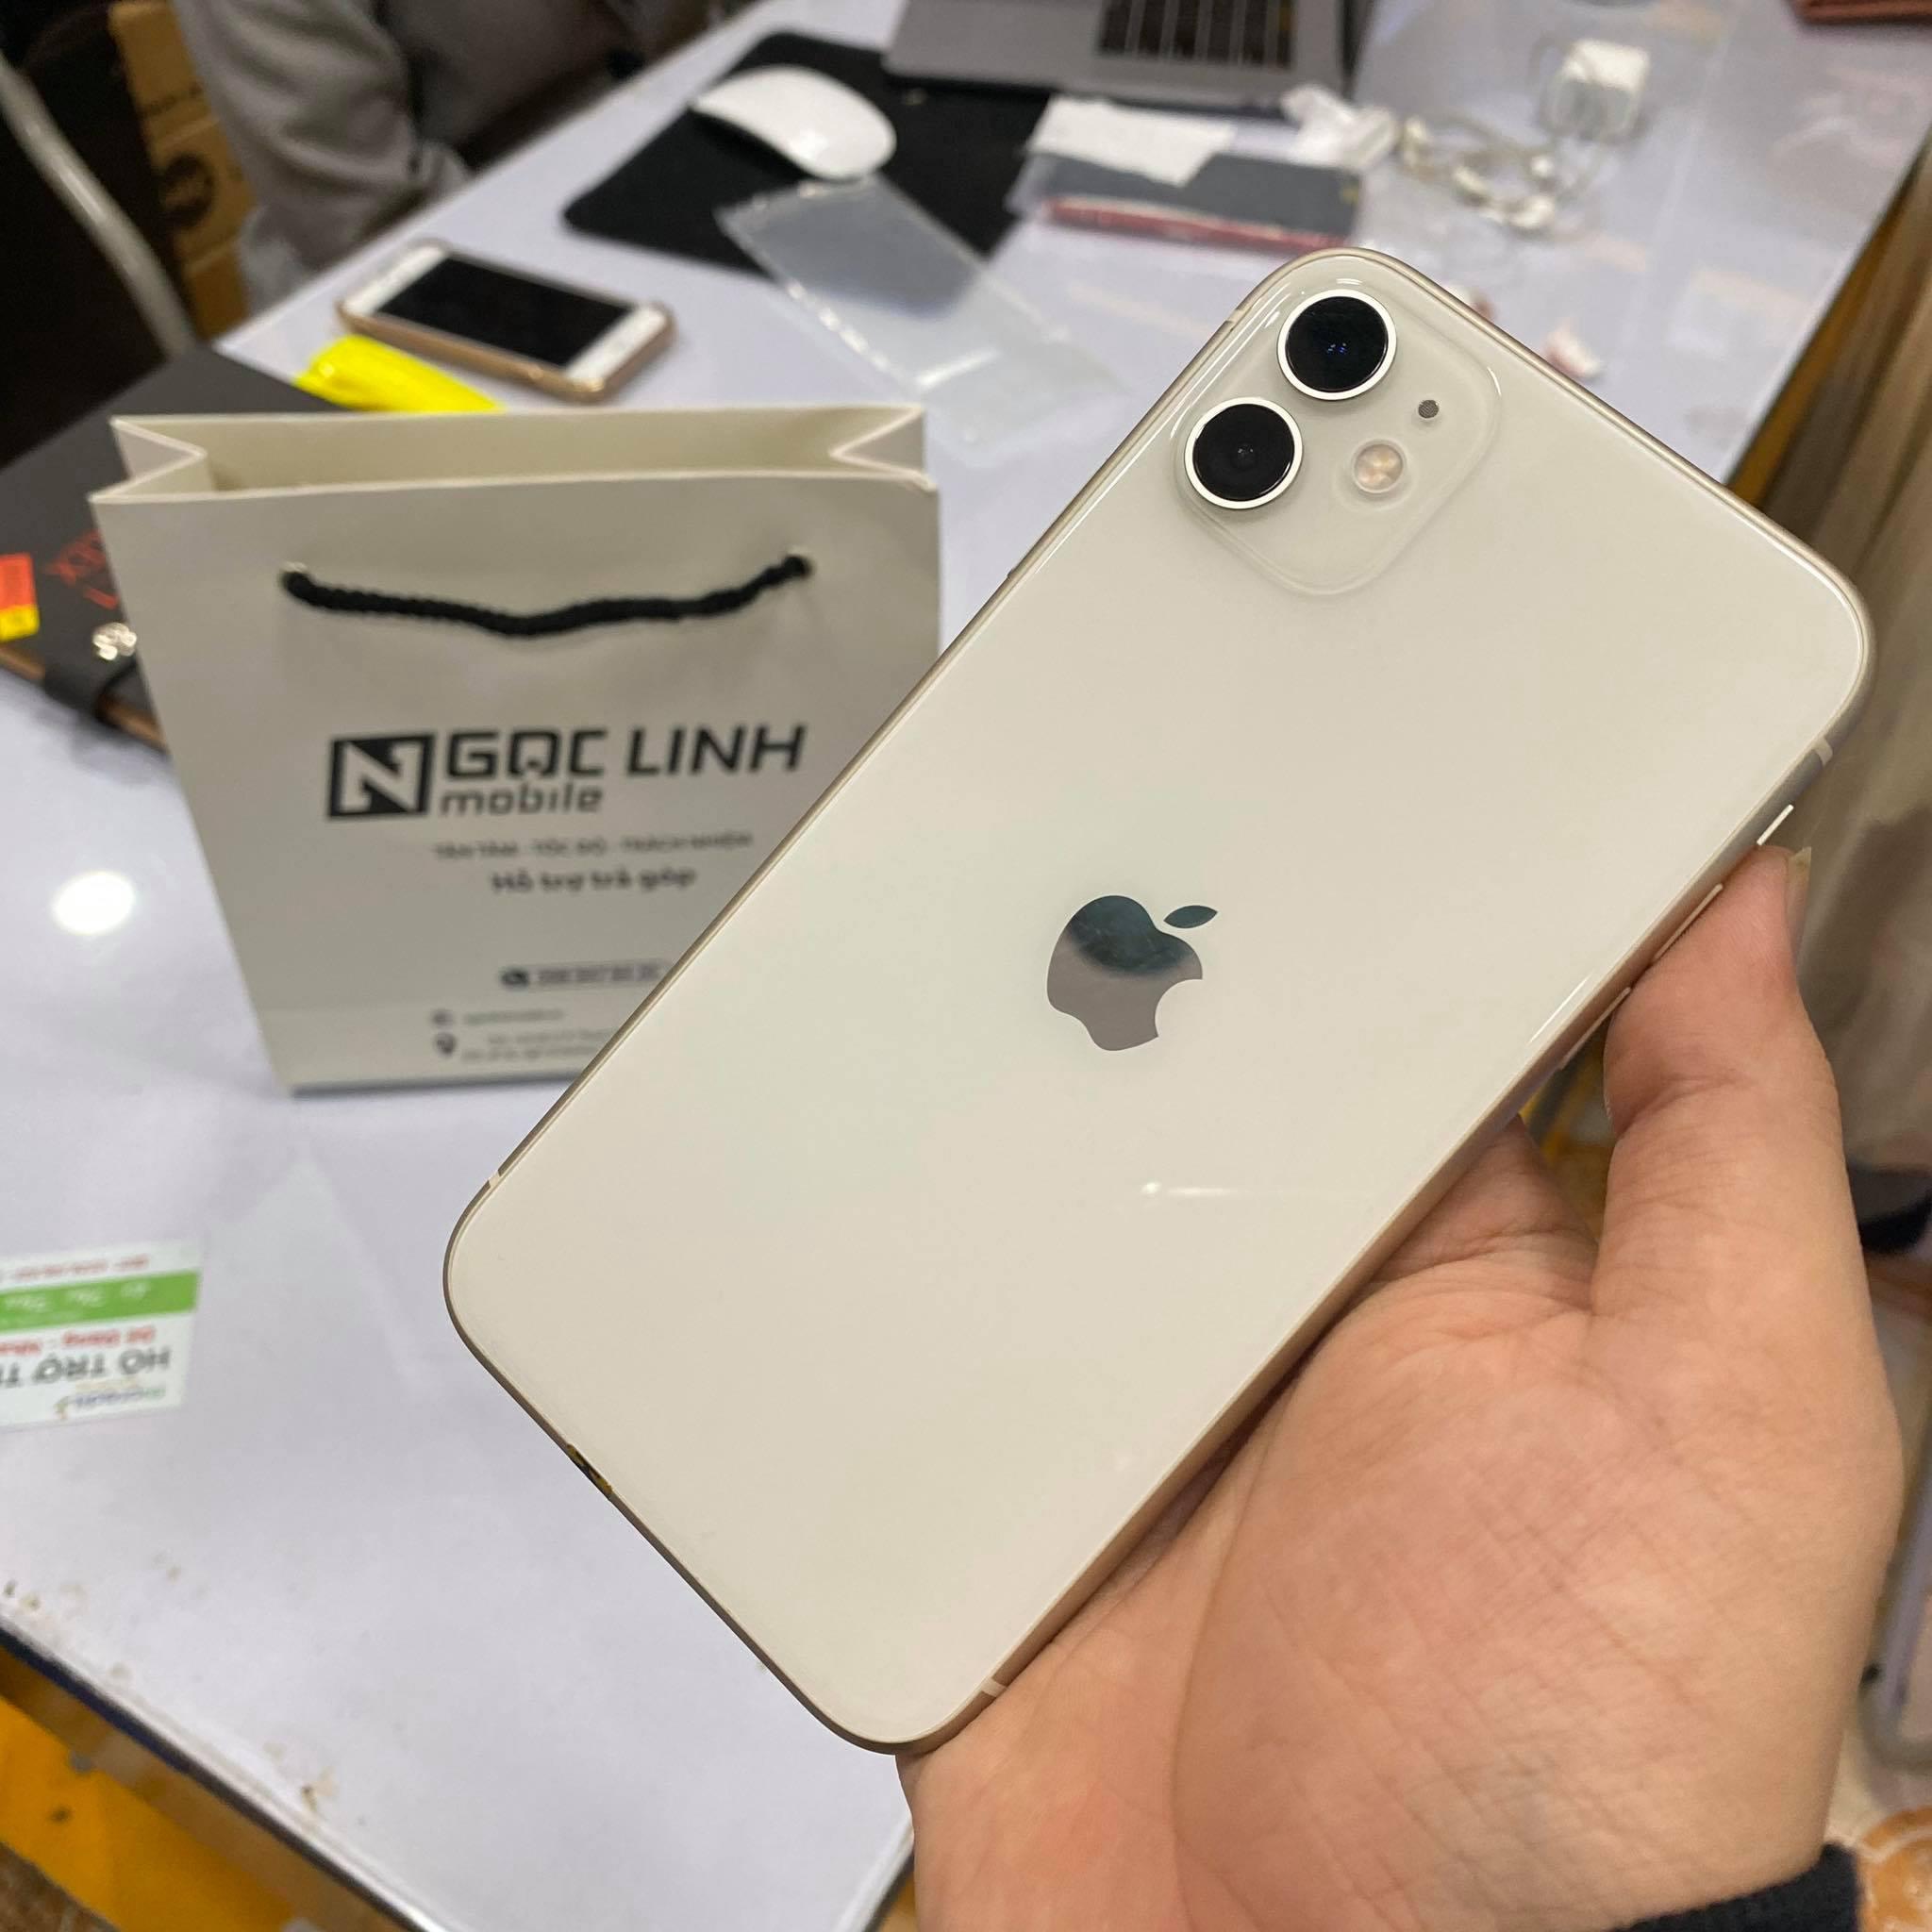 iPhone 11 - iPhone 11 đang là sản phẩm đáng mua nhất năm 2019